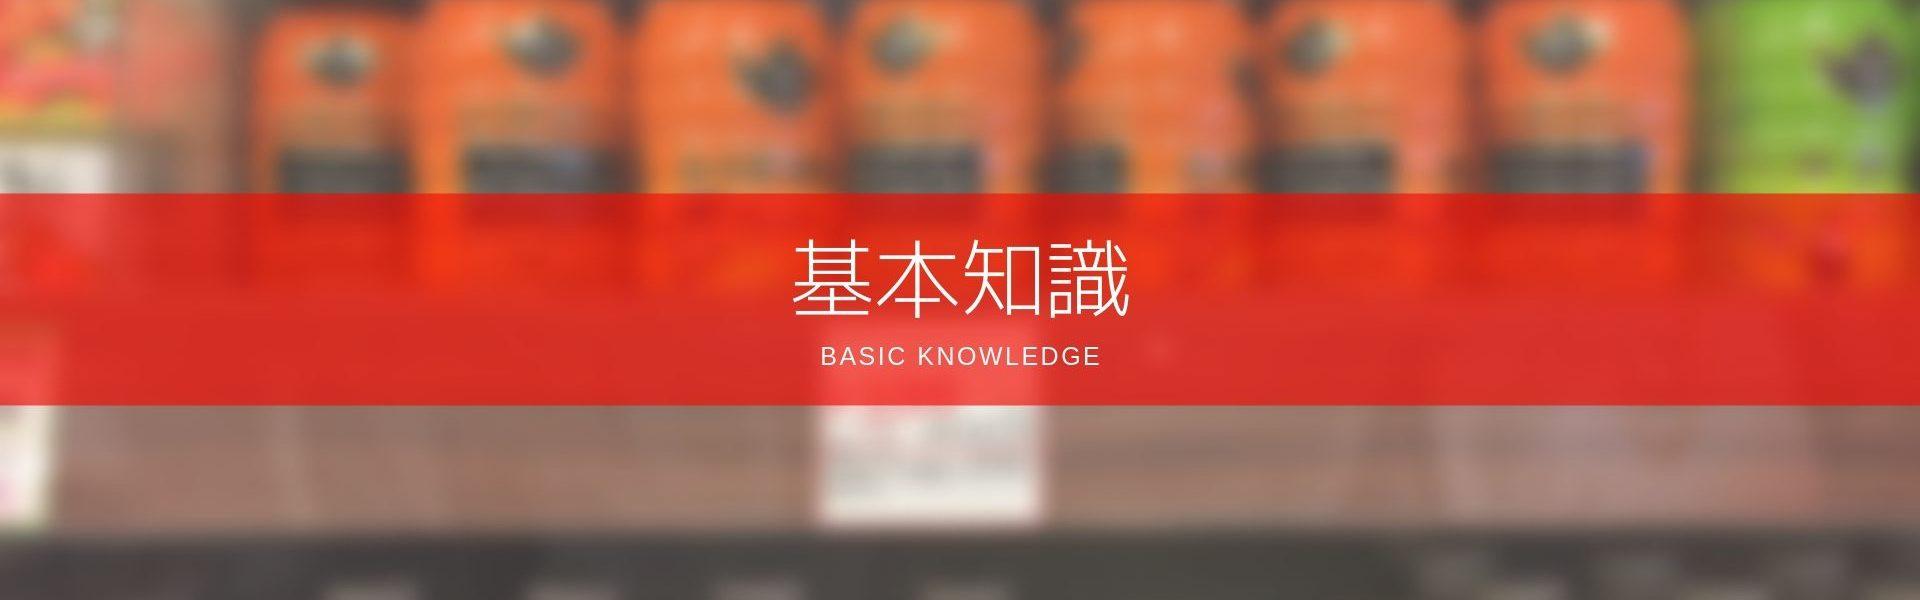 基本知識のトップ画像